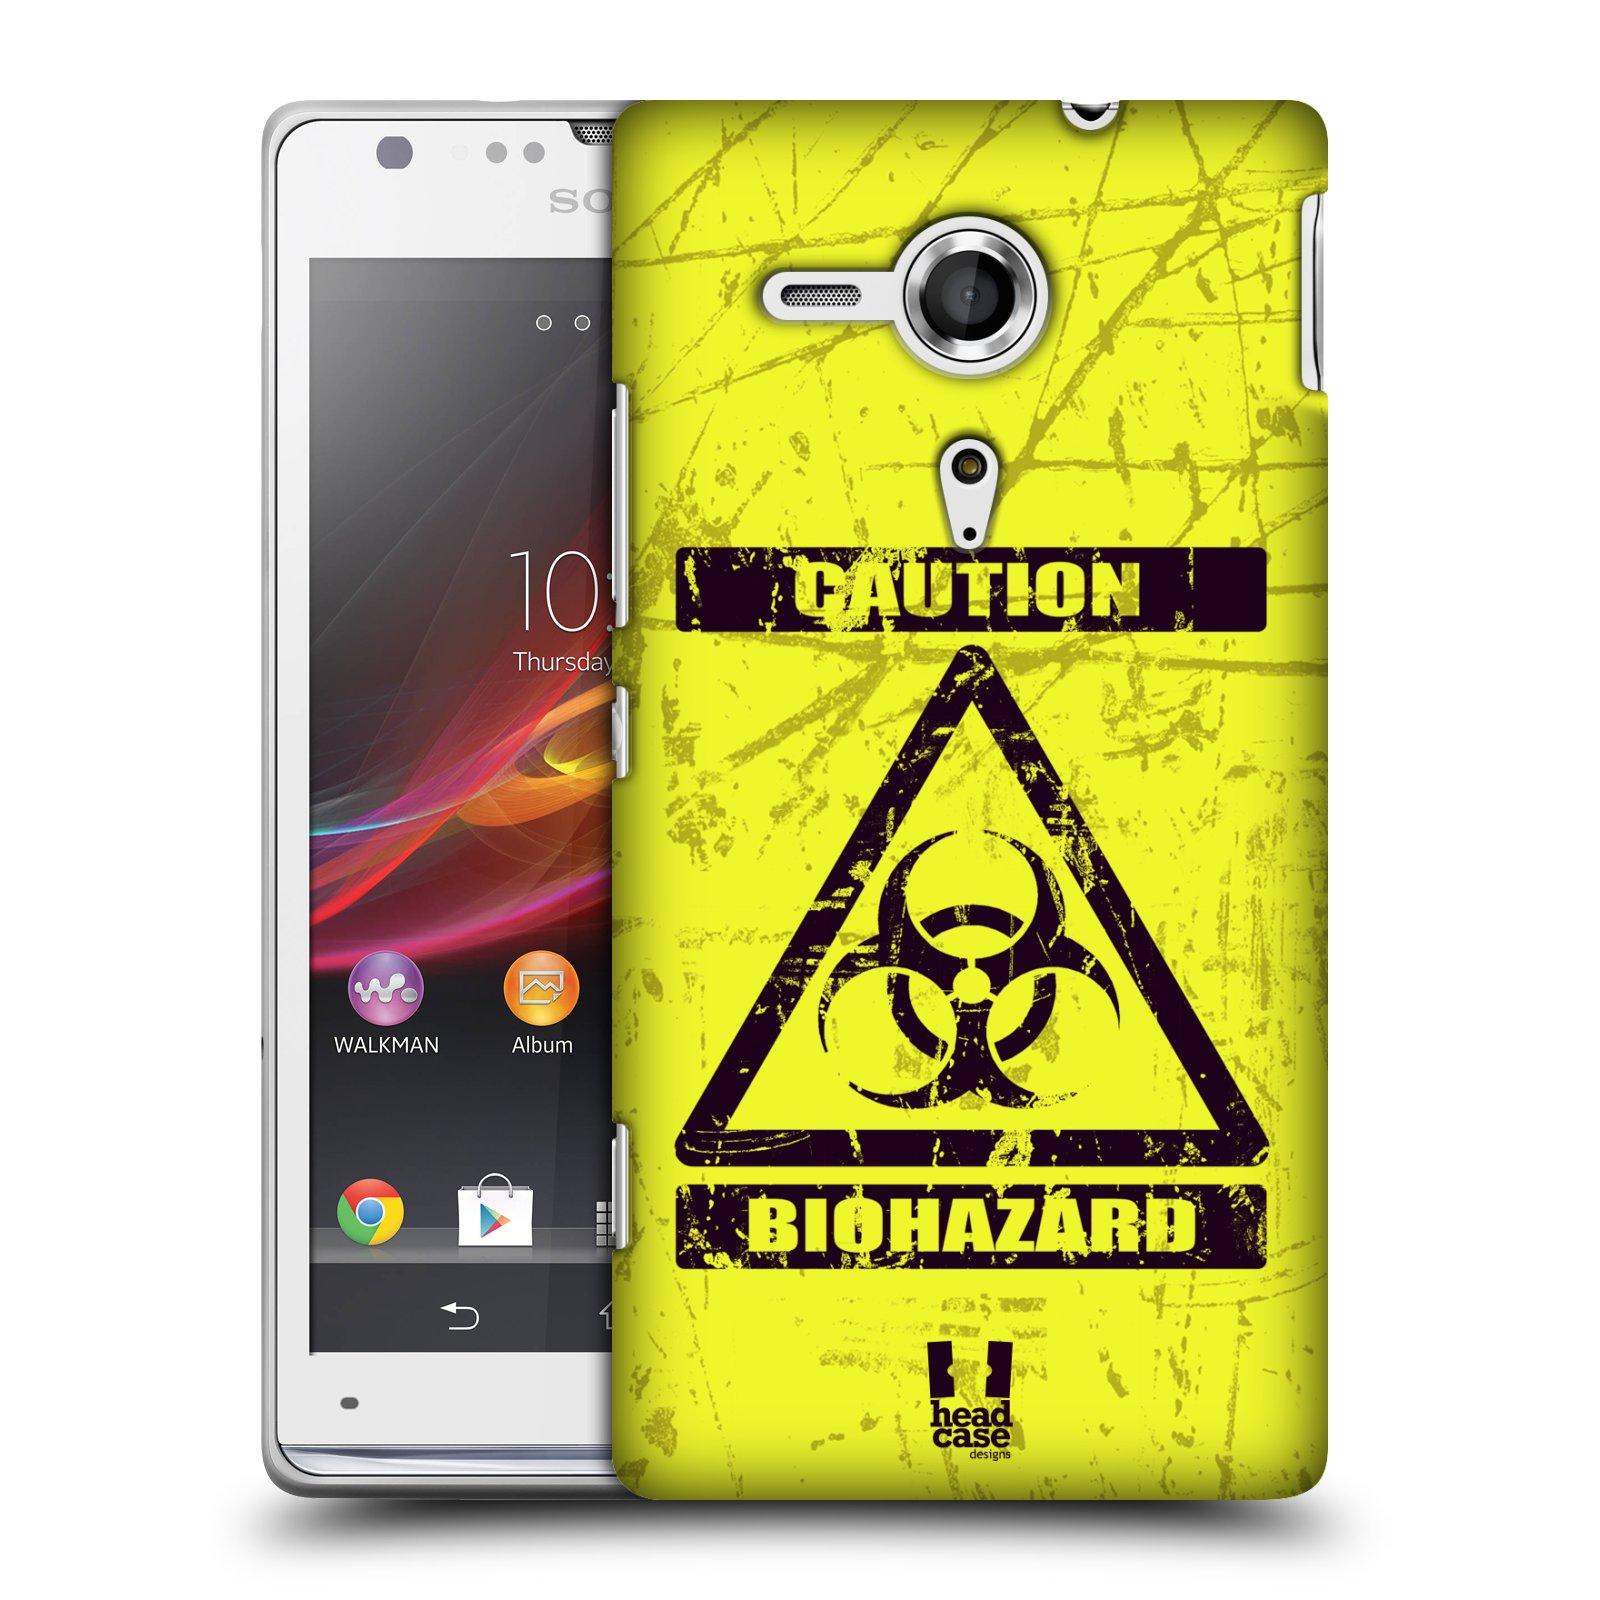 Plastové pouzdro na mobil Sony Xperia SP C5303 HEAD CASE BIOHAZARD (Kryt či obal na mobilní telefon Sony Xperia SP )